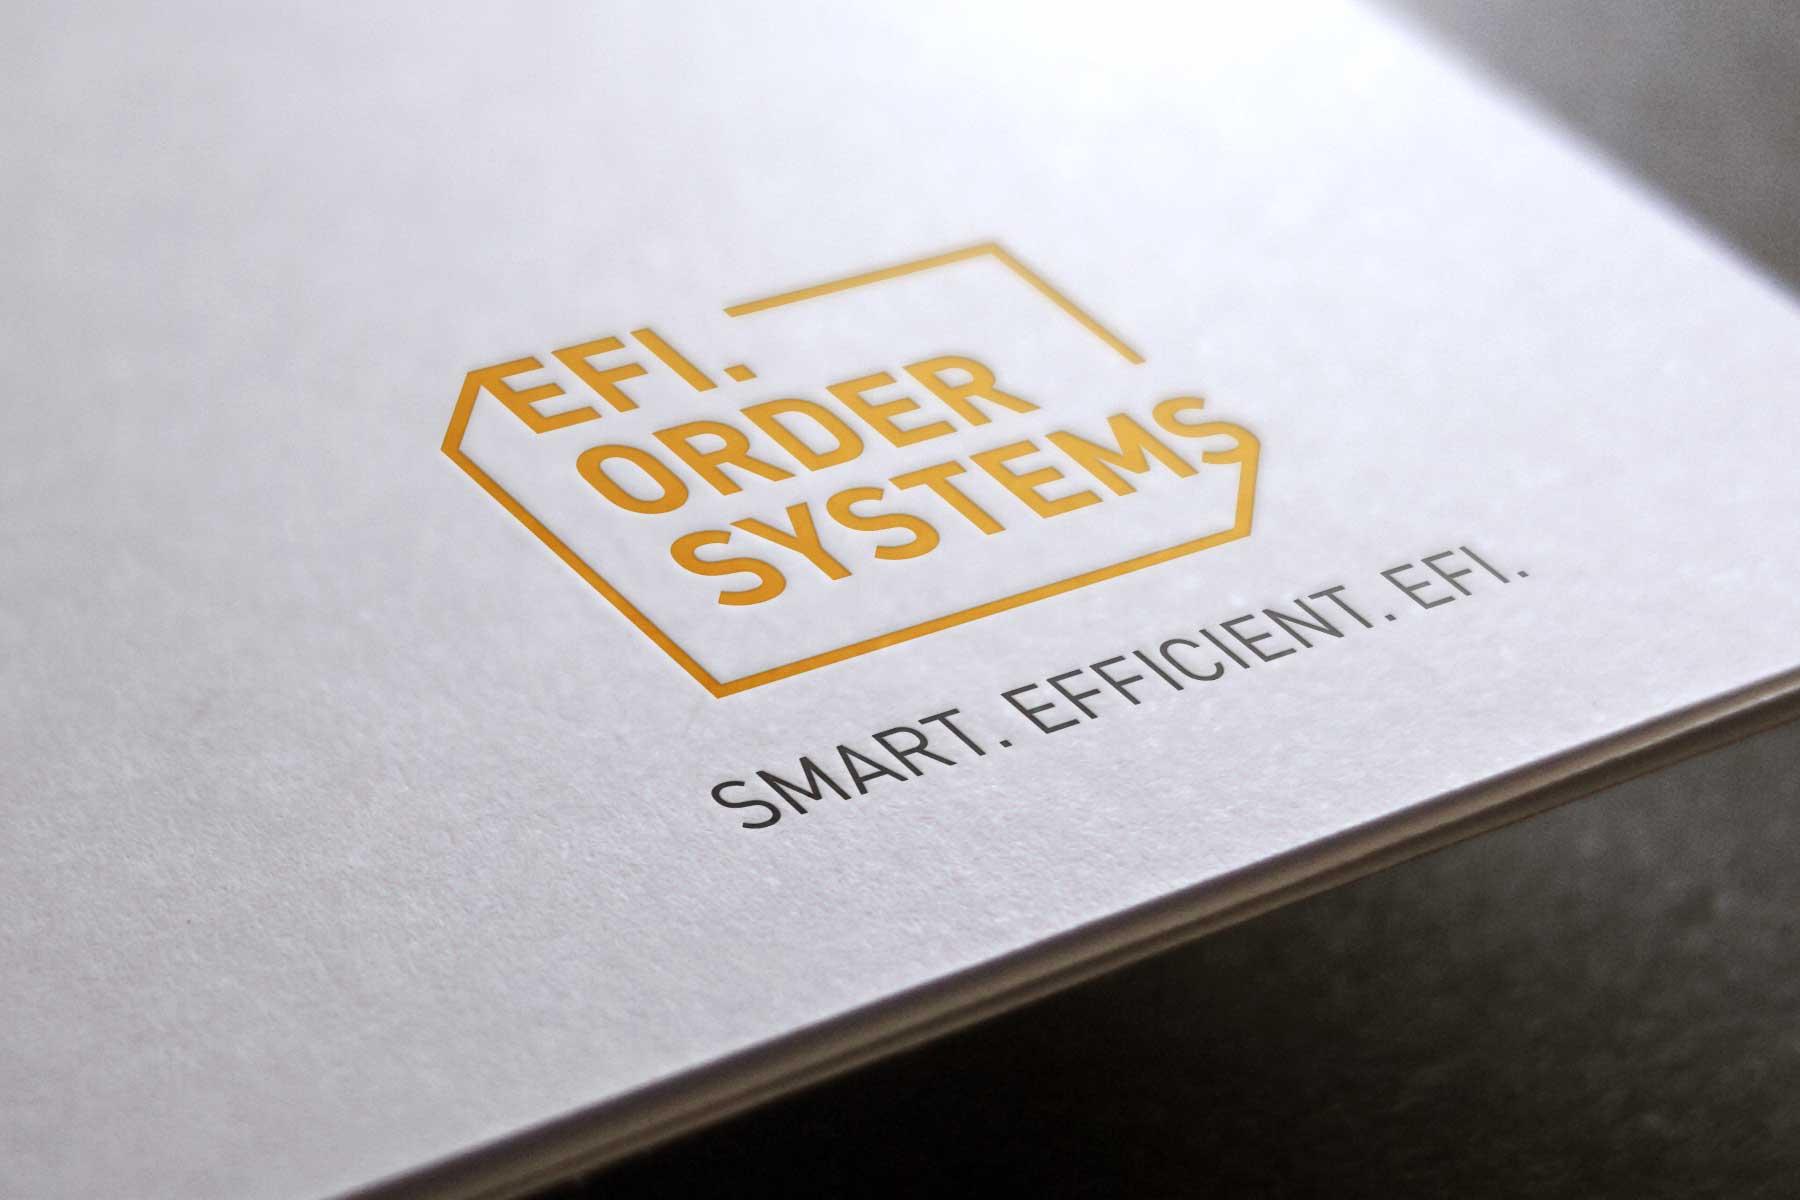 eh_referenzen_efi_7 Projekt - EFI. Order Systems